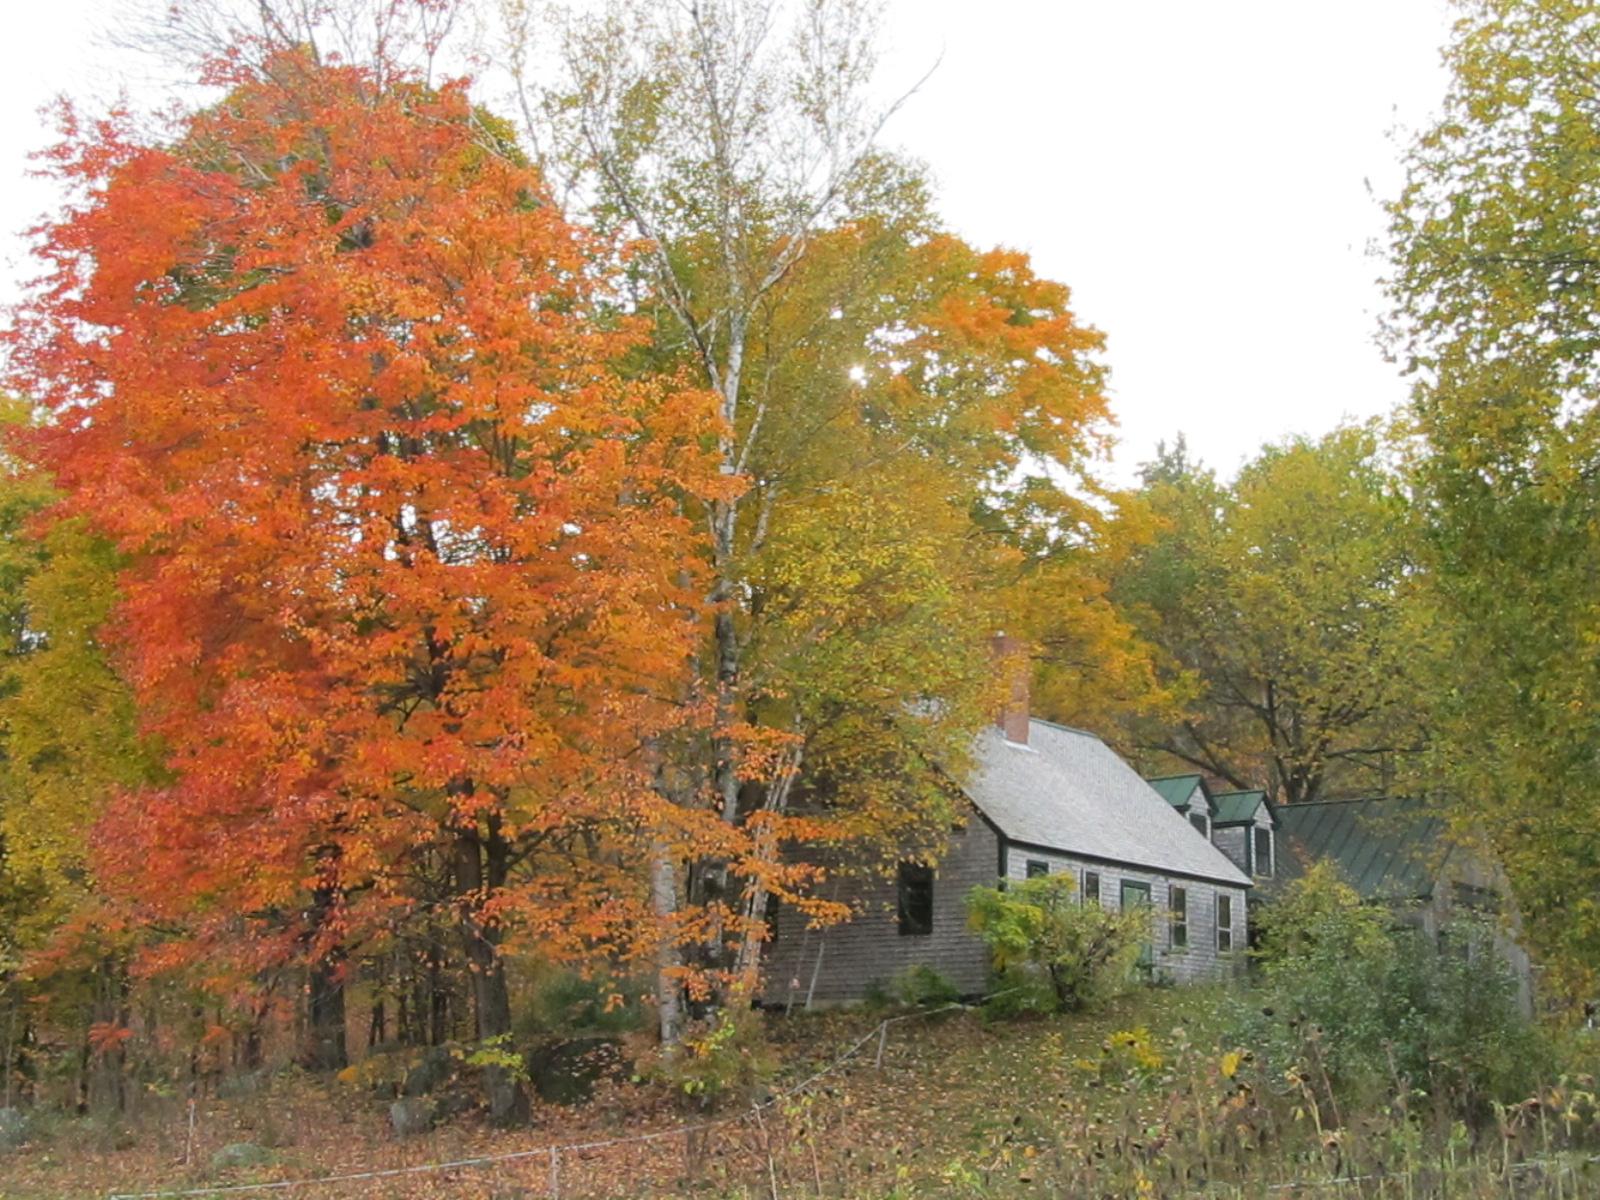 Fall-colored farm house